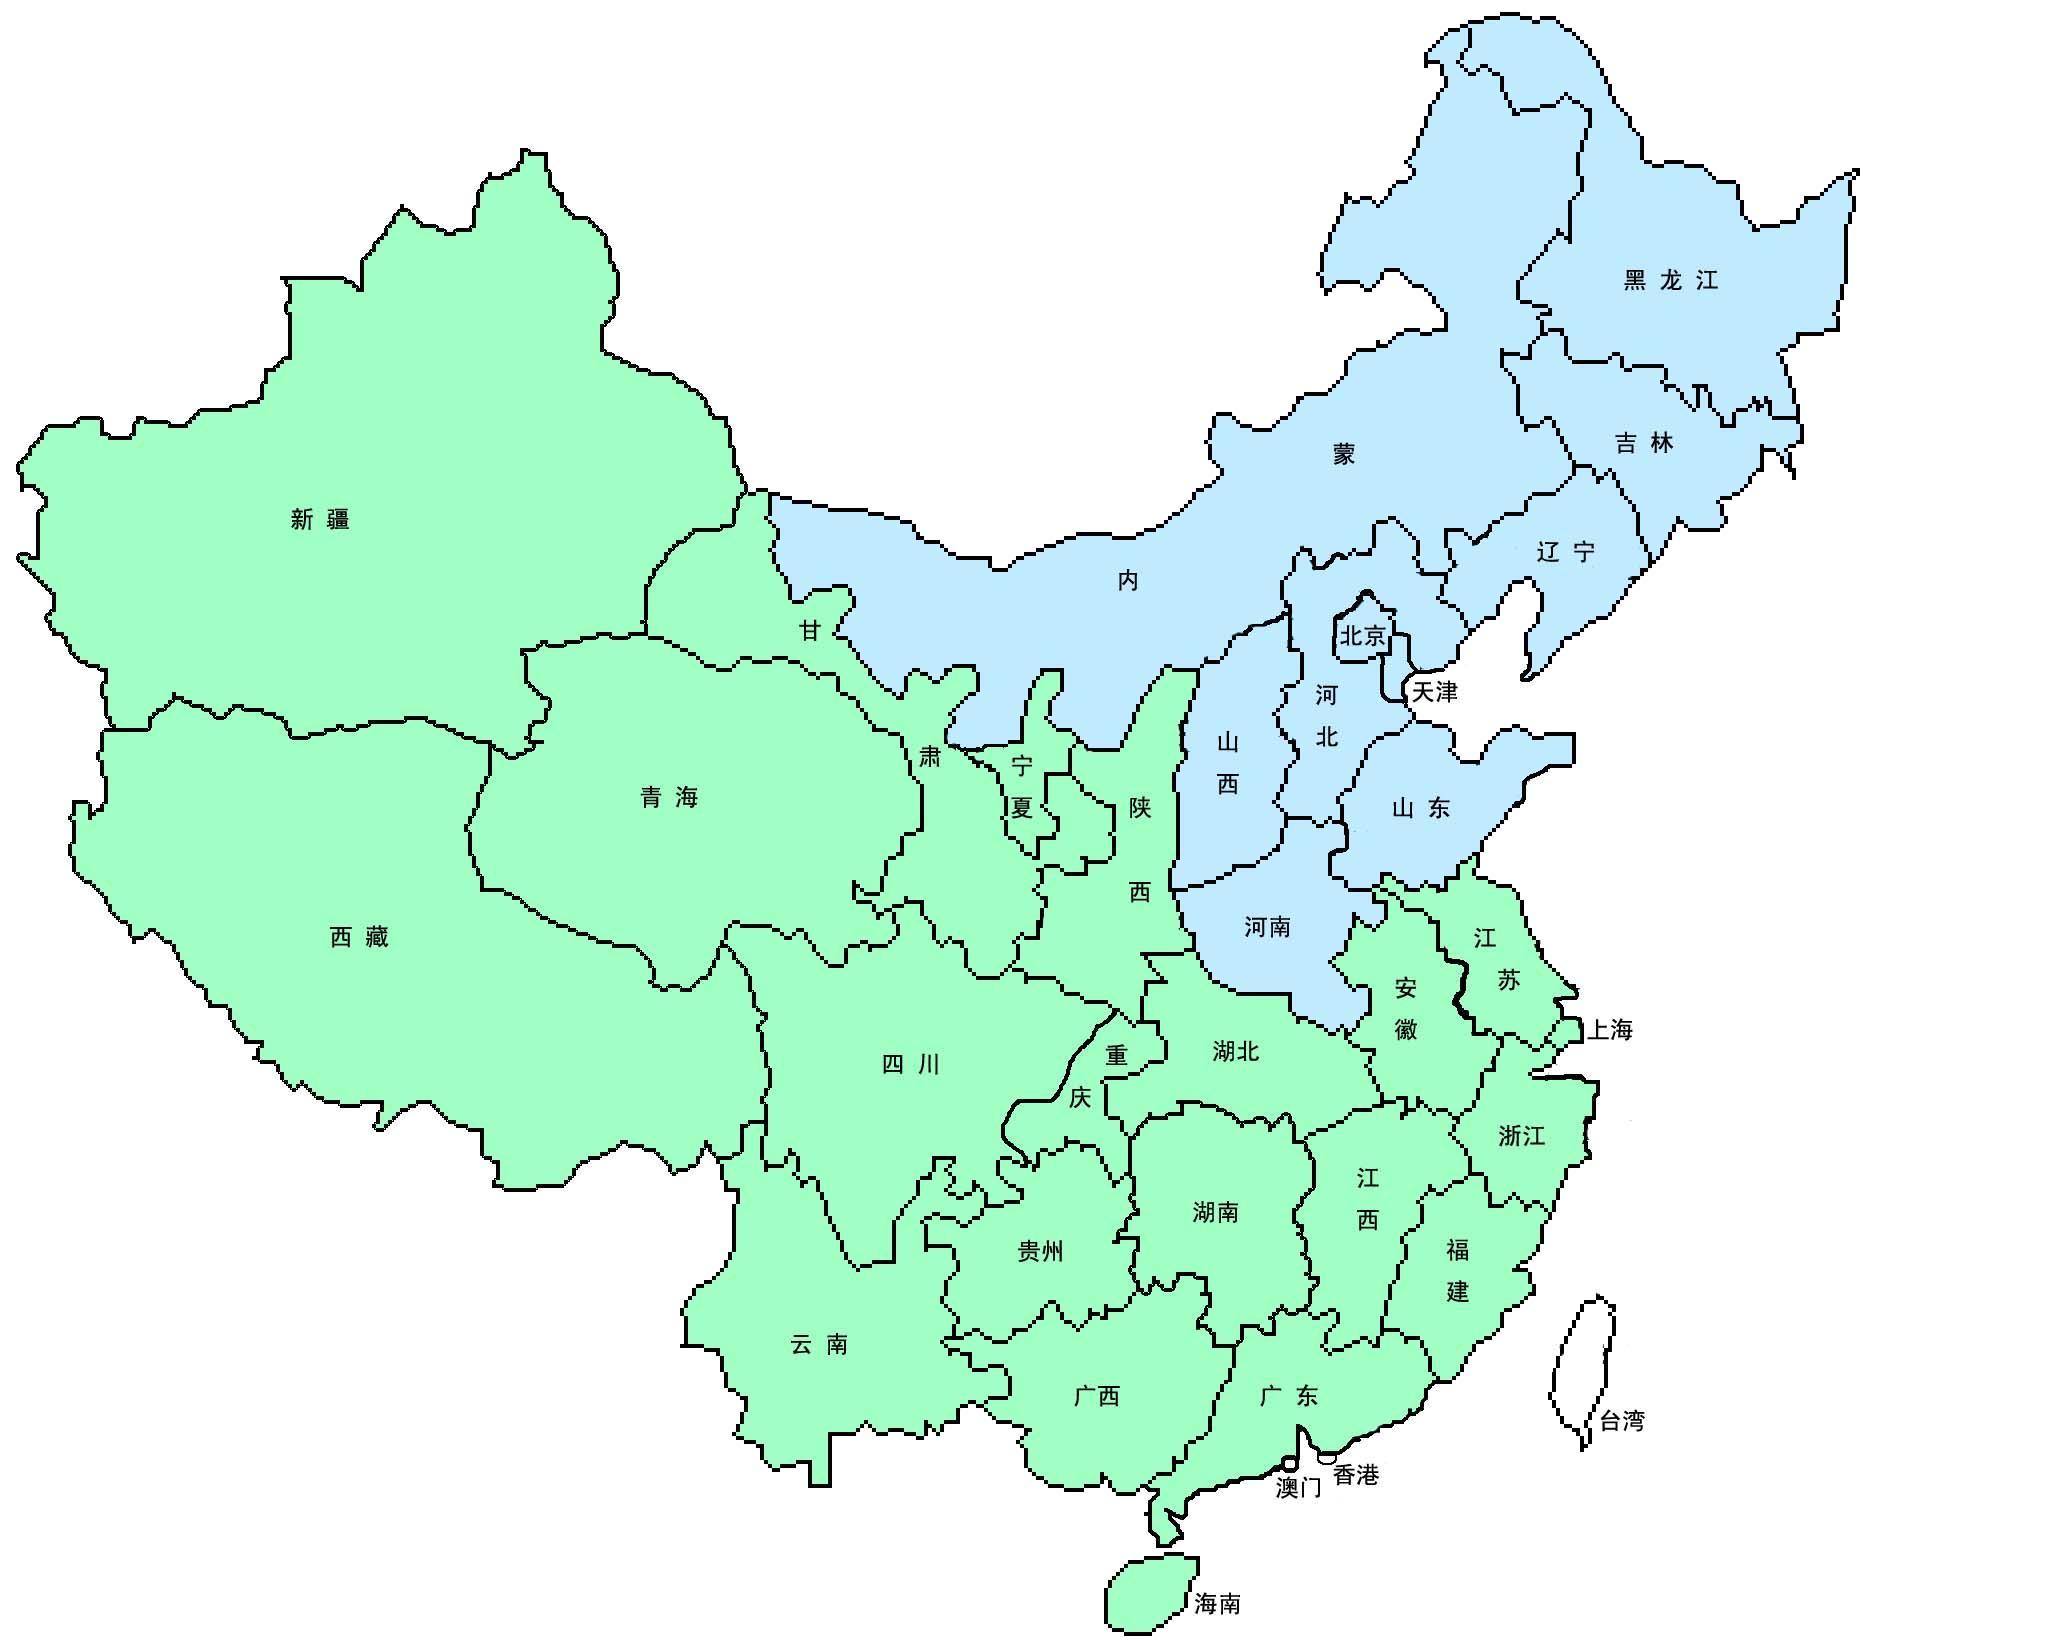 中国地图简笔_三分钟手绘中国地图